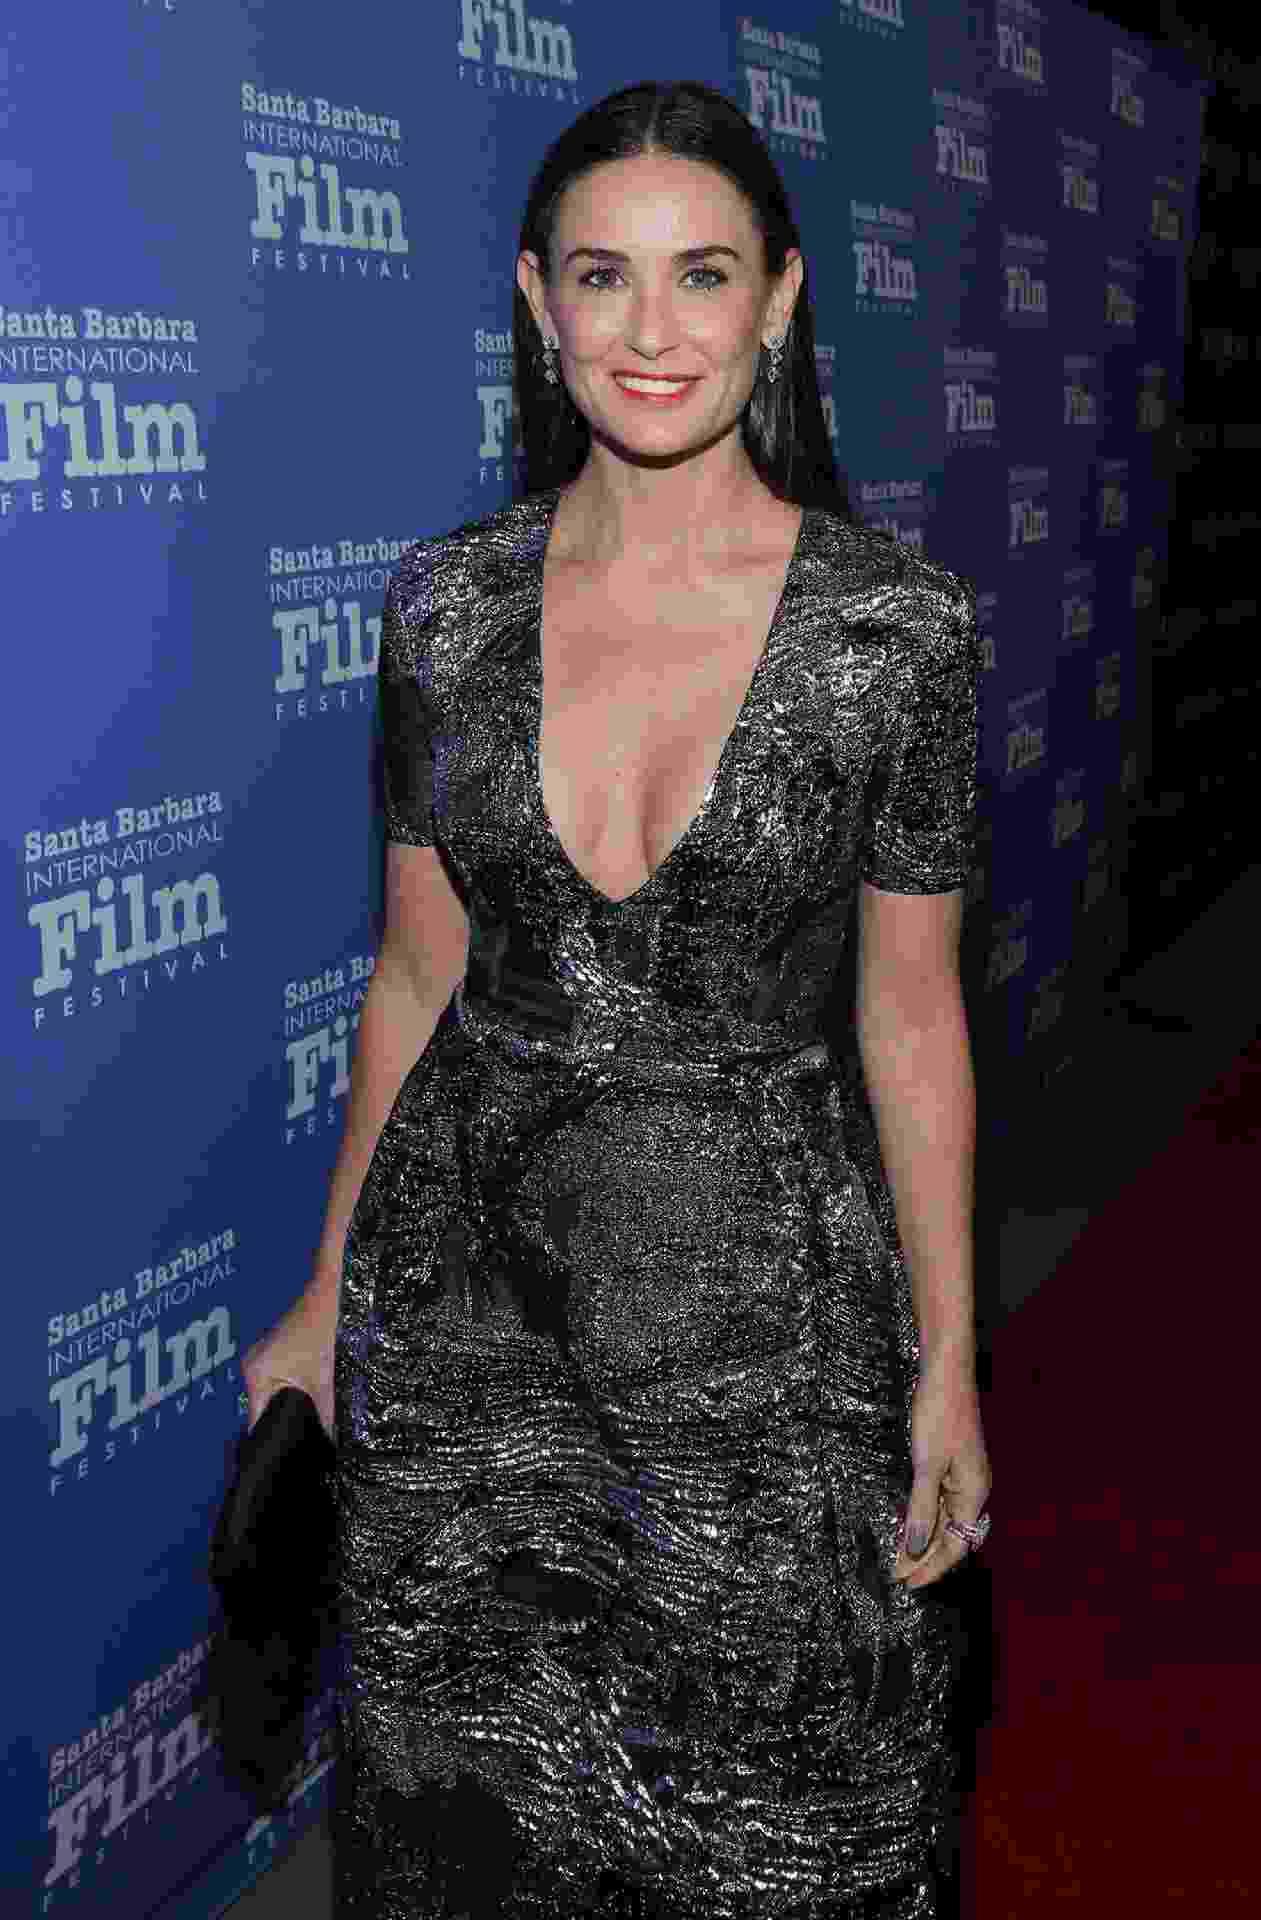 Demi Moore (53) mostra que não existe idade certa sensualizar na moda - decote em vestido ovalado - Getty Images